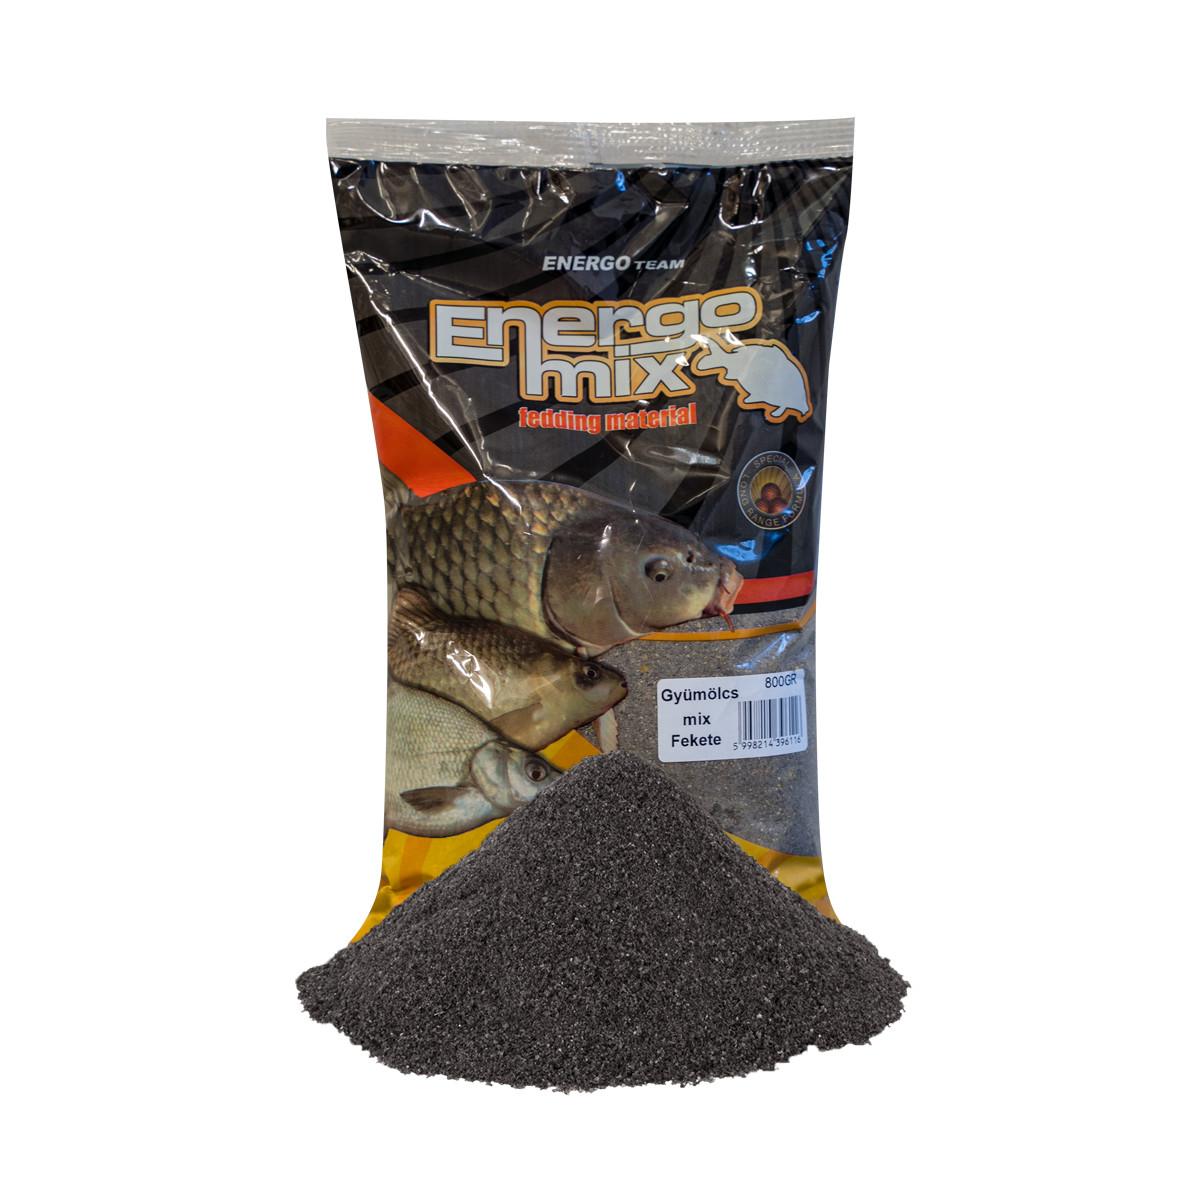 Прикормка ENERGOMIX Chocolate-Orange 800g